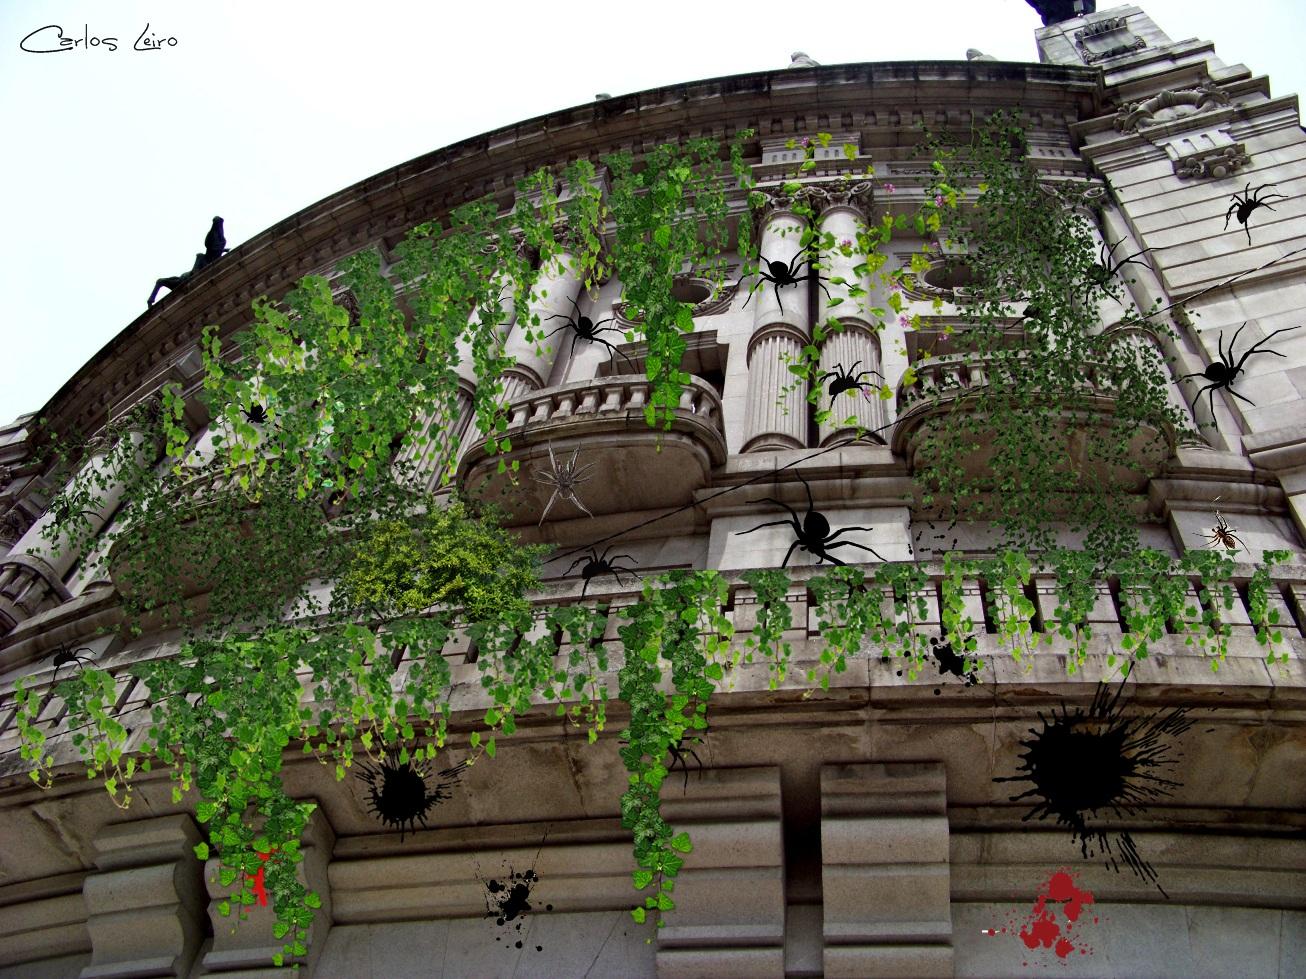 Edificio en Vigo